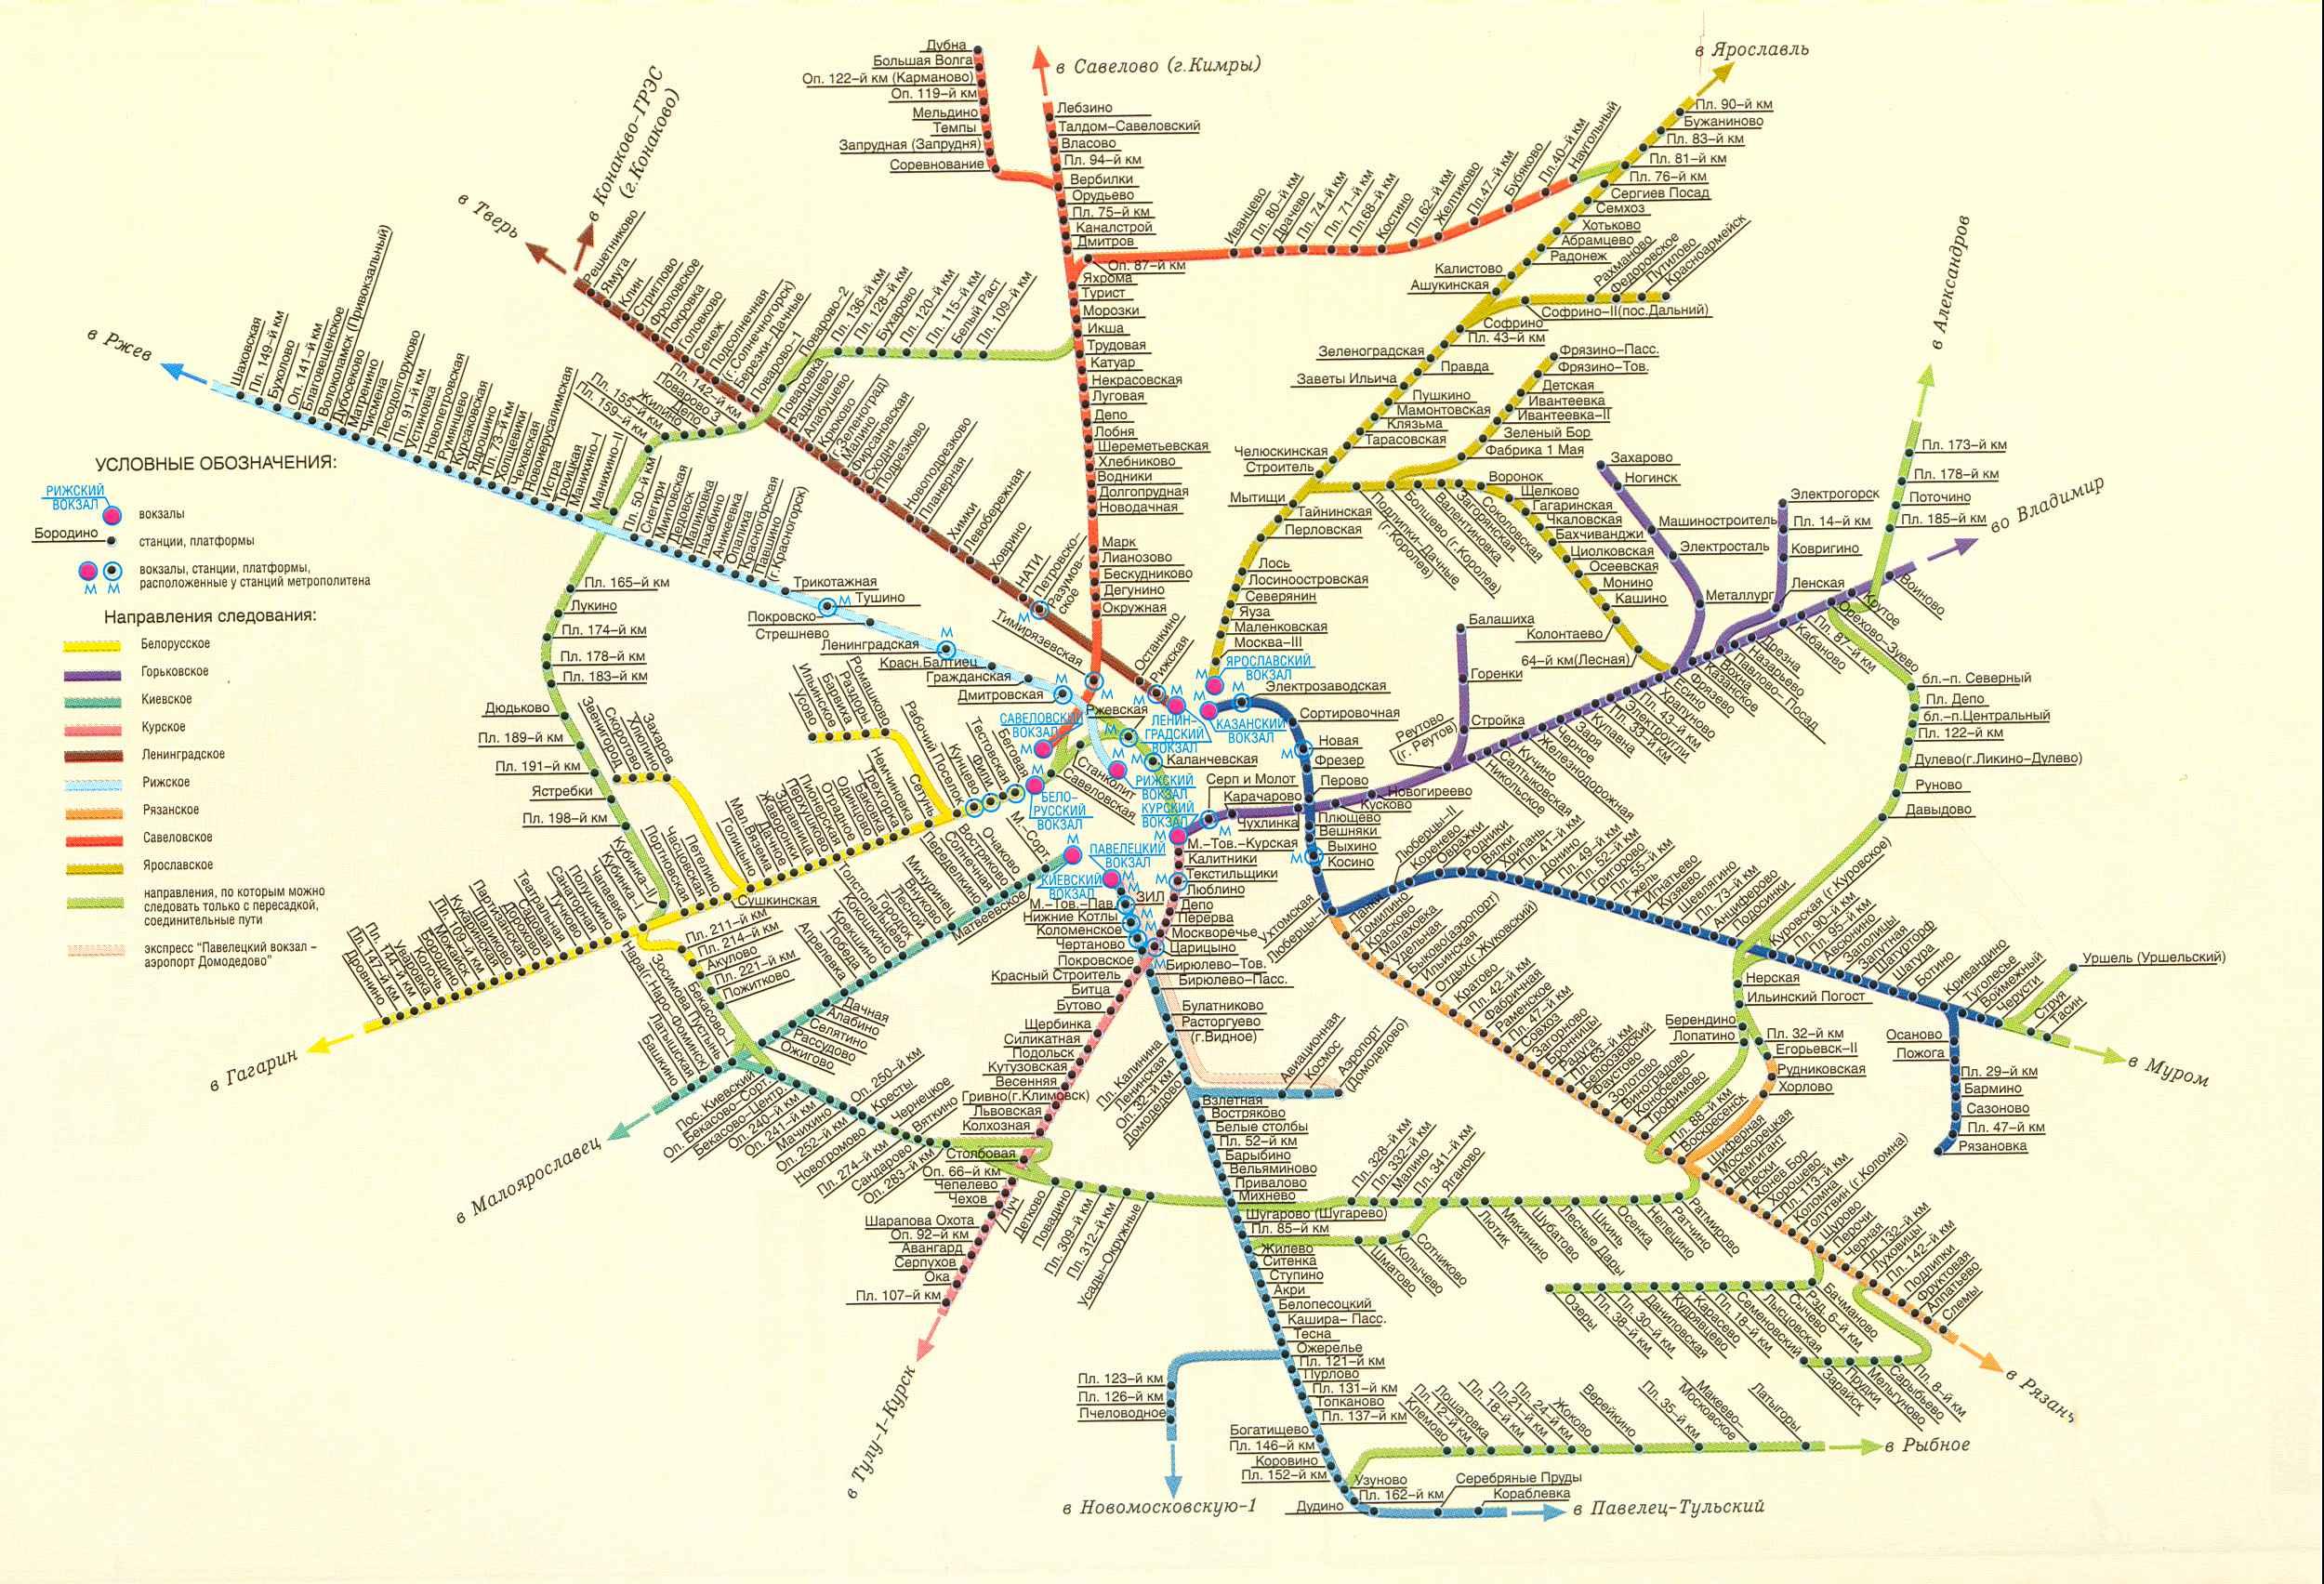 схема маршрутов городского транспорта москвы - Только схемы.